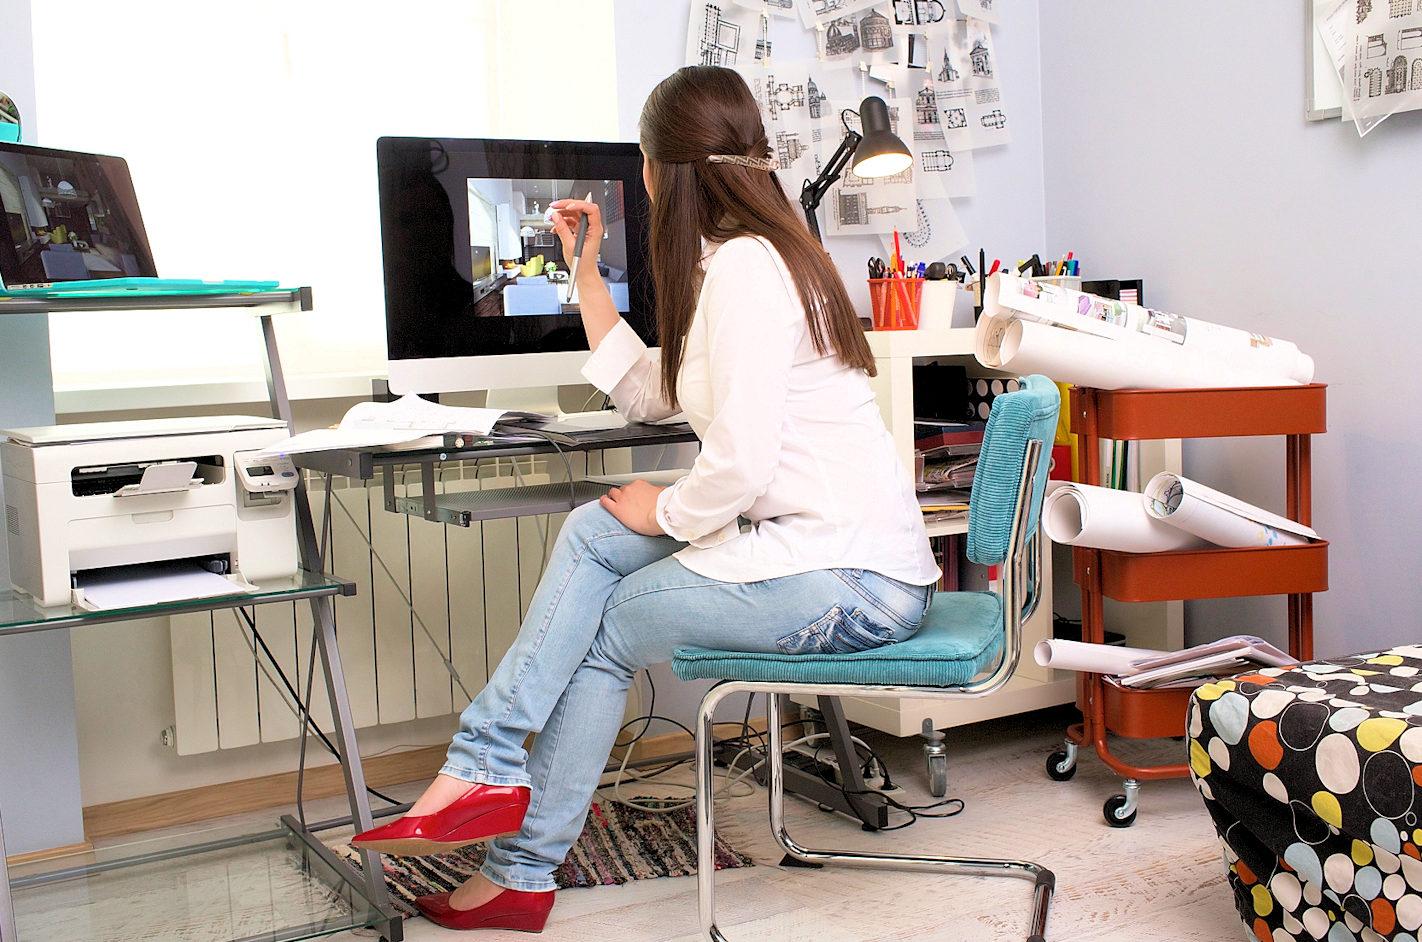 マイペースで仕事をする女性